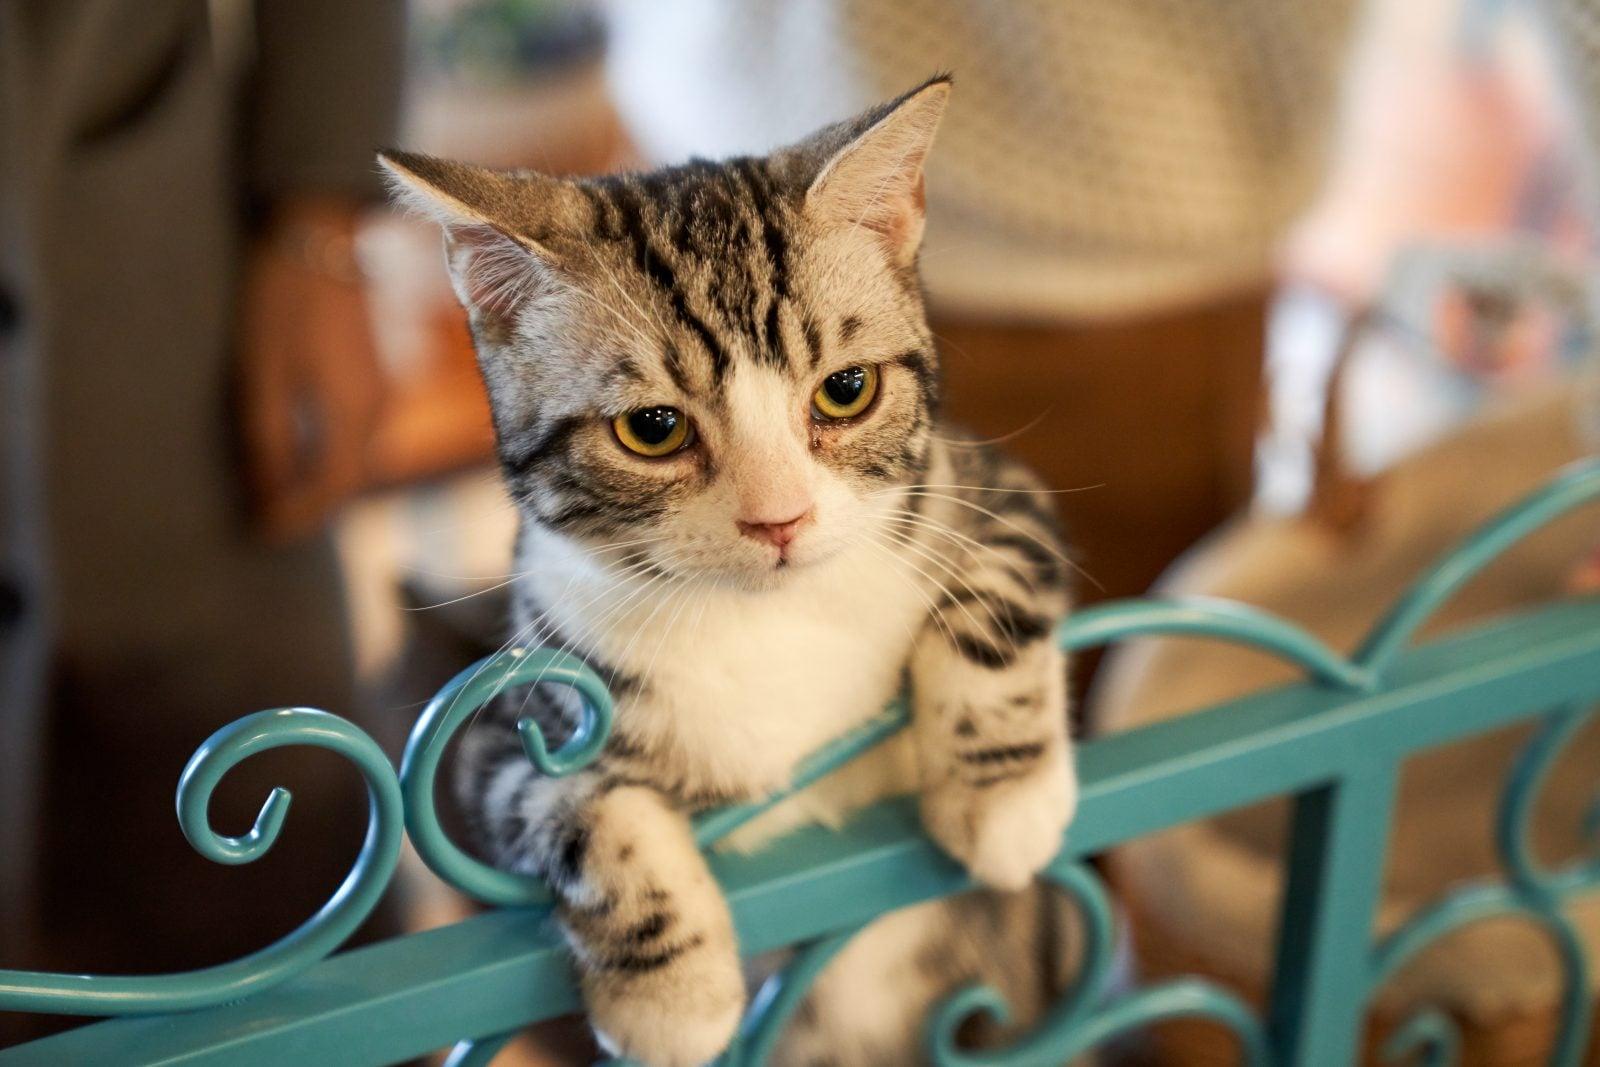 Entrenamiento clicker para gatos